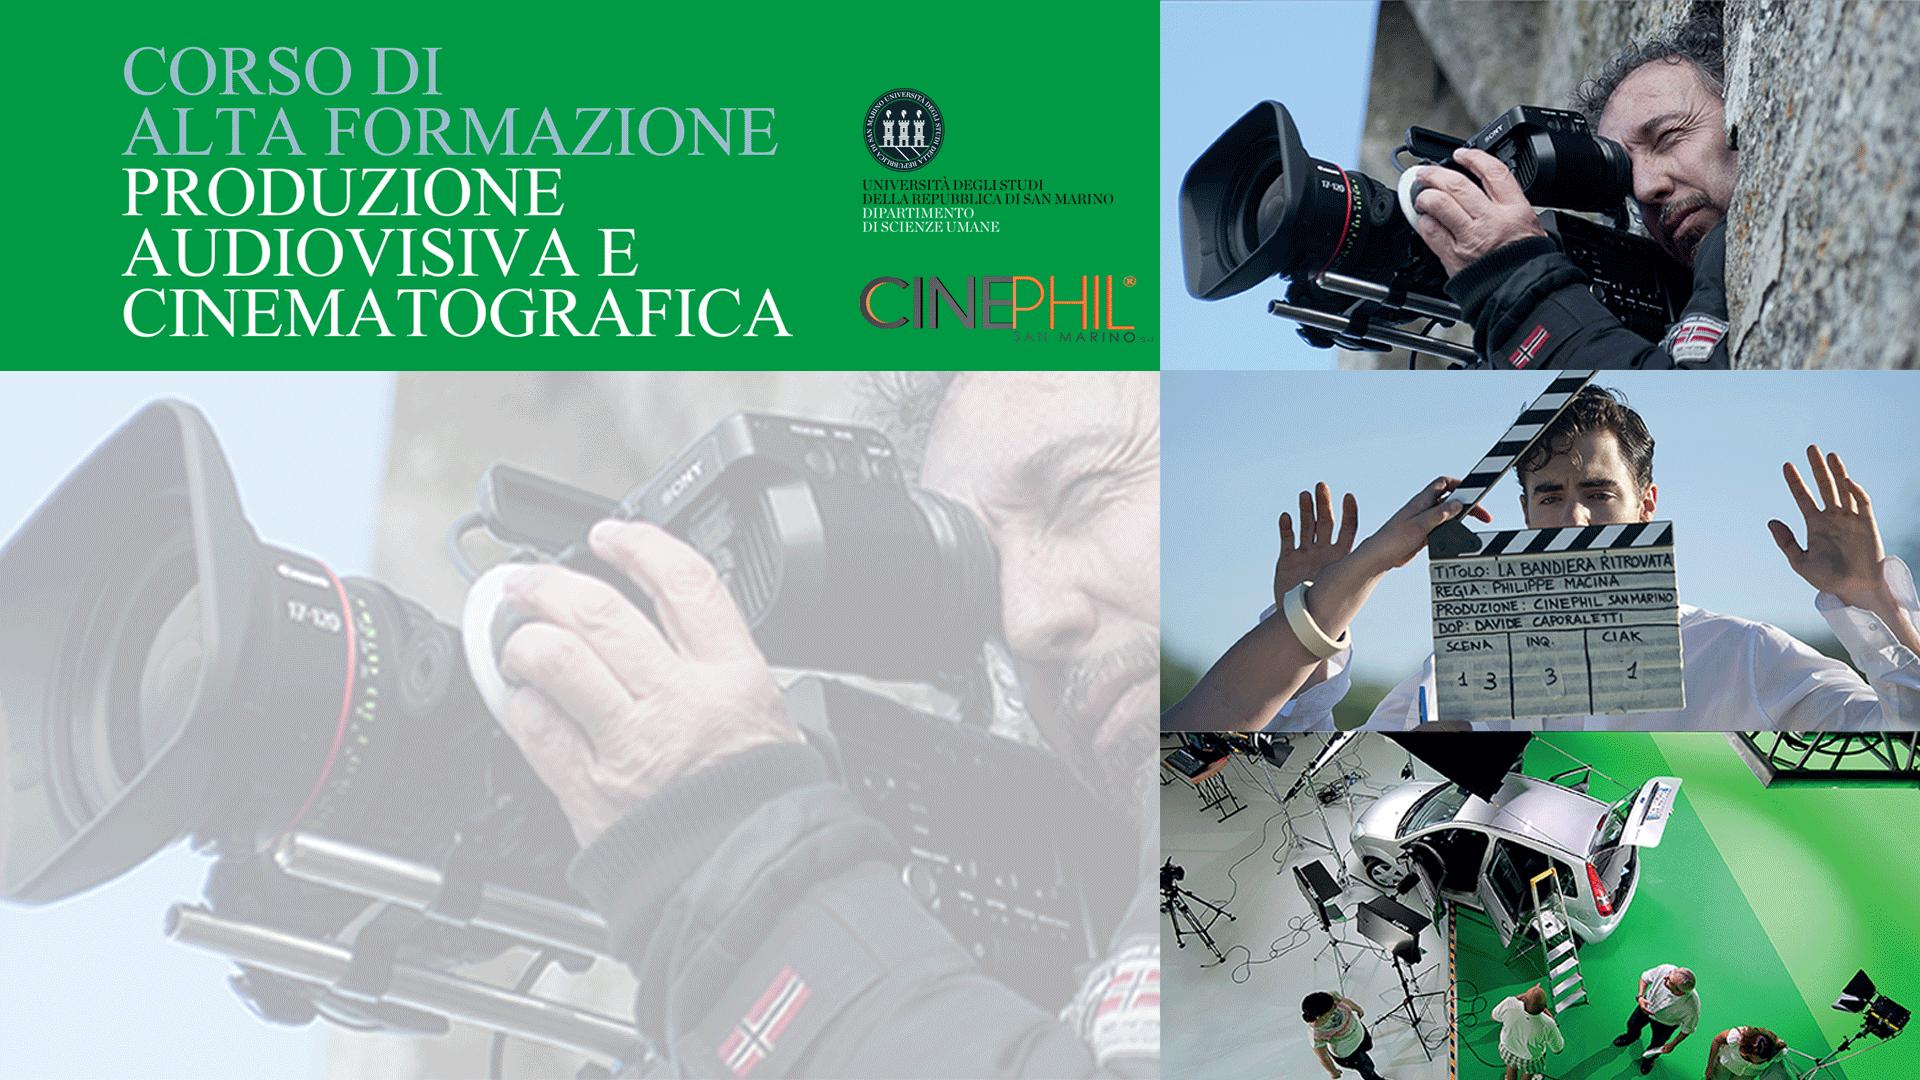 Corso in Produzione Audiovisiva e Cinematografica: aperte iscrizioni ai singoli moduli